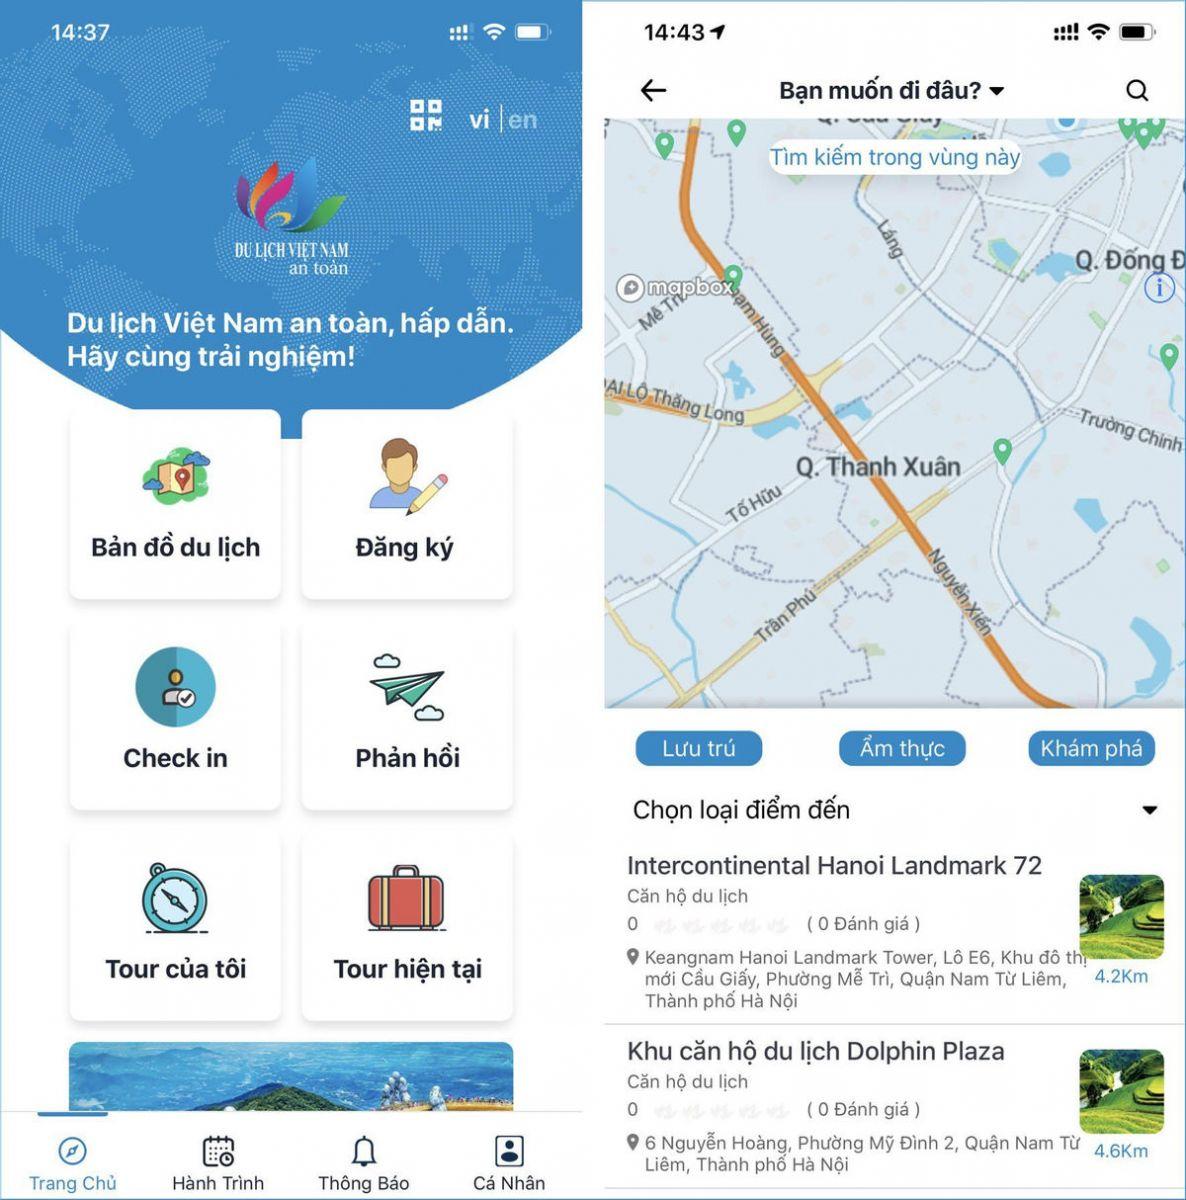 """Tổng cục Du lịch đã đưa vào sử dụng ứng dụng """"Du lịch Việt Nam an toàn"""" để góp phần triển khai hiệu quả chương trình kích cầu du lịch giai đoạn 2"""